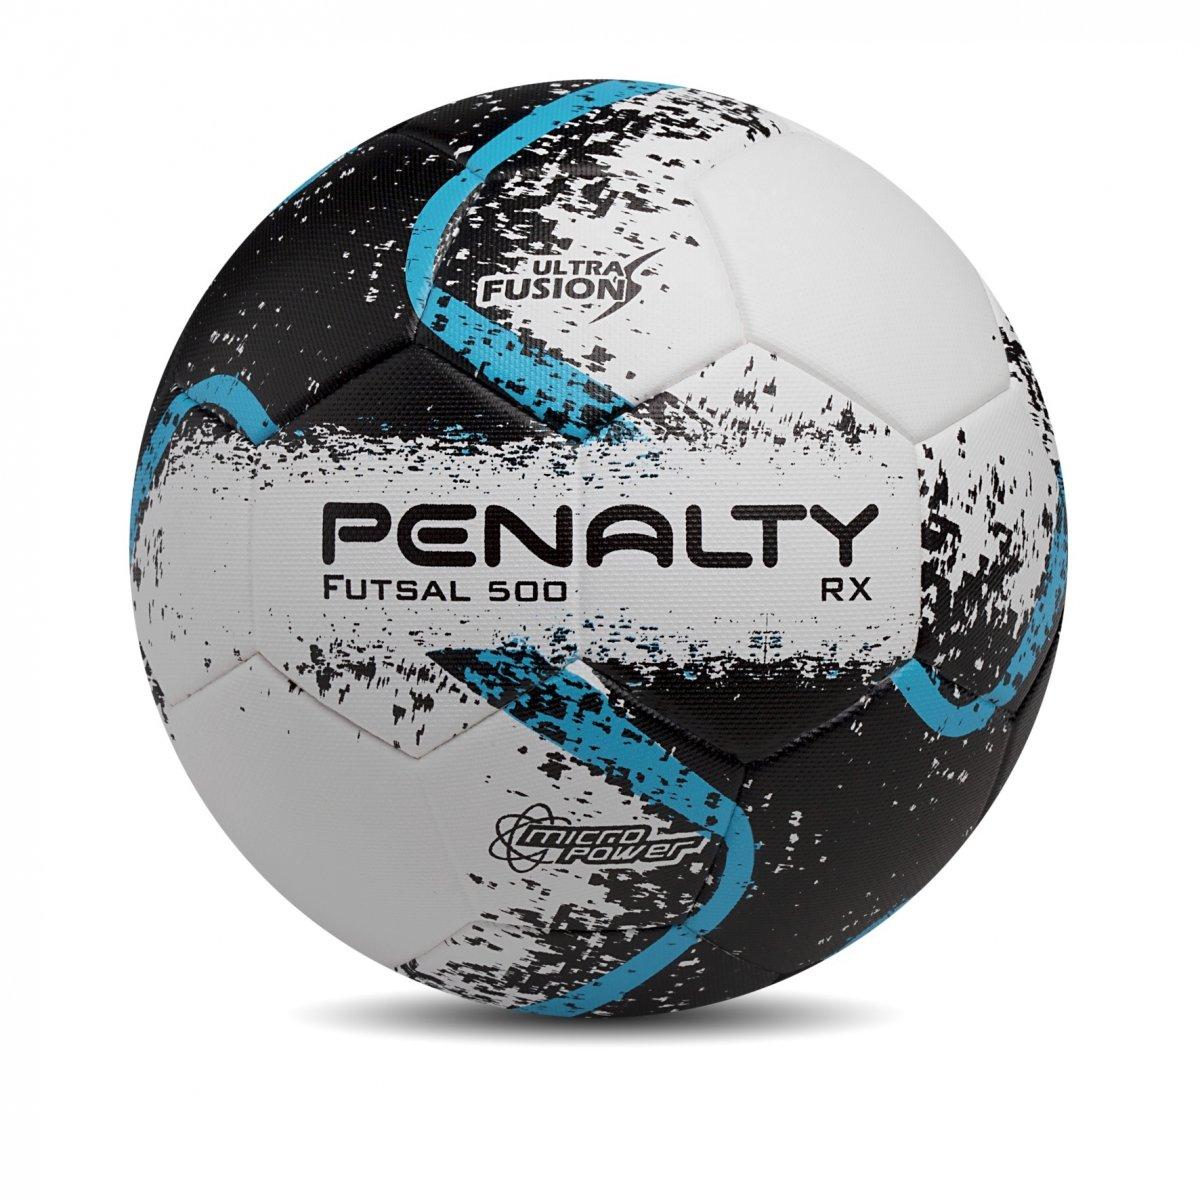 8c2ef493b Bola Futsal Penalty RX 500 Ultra Fusion R2 Vlll 520307 1040